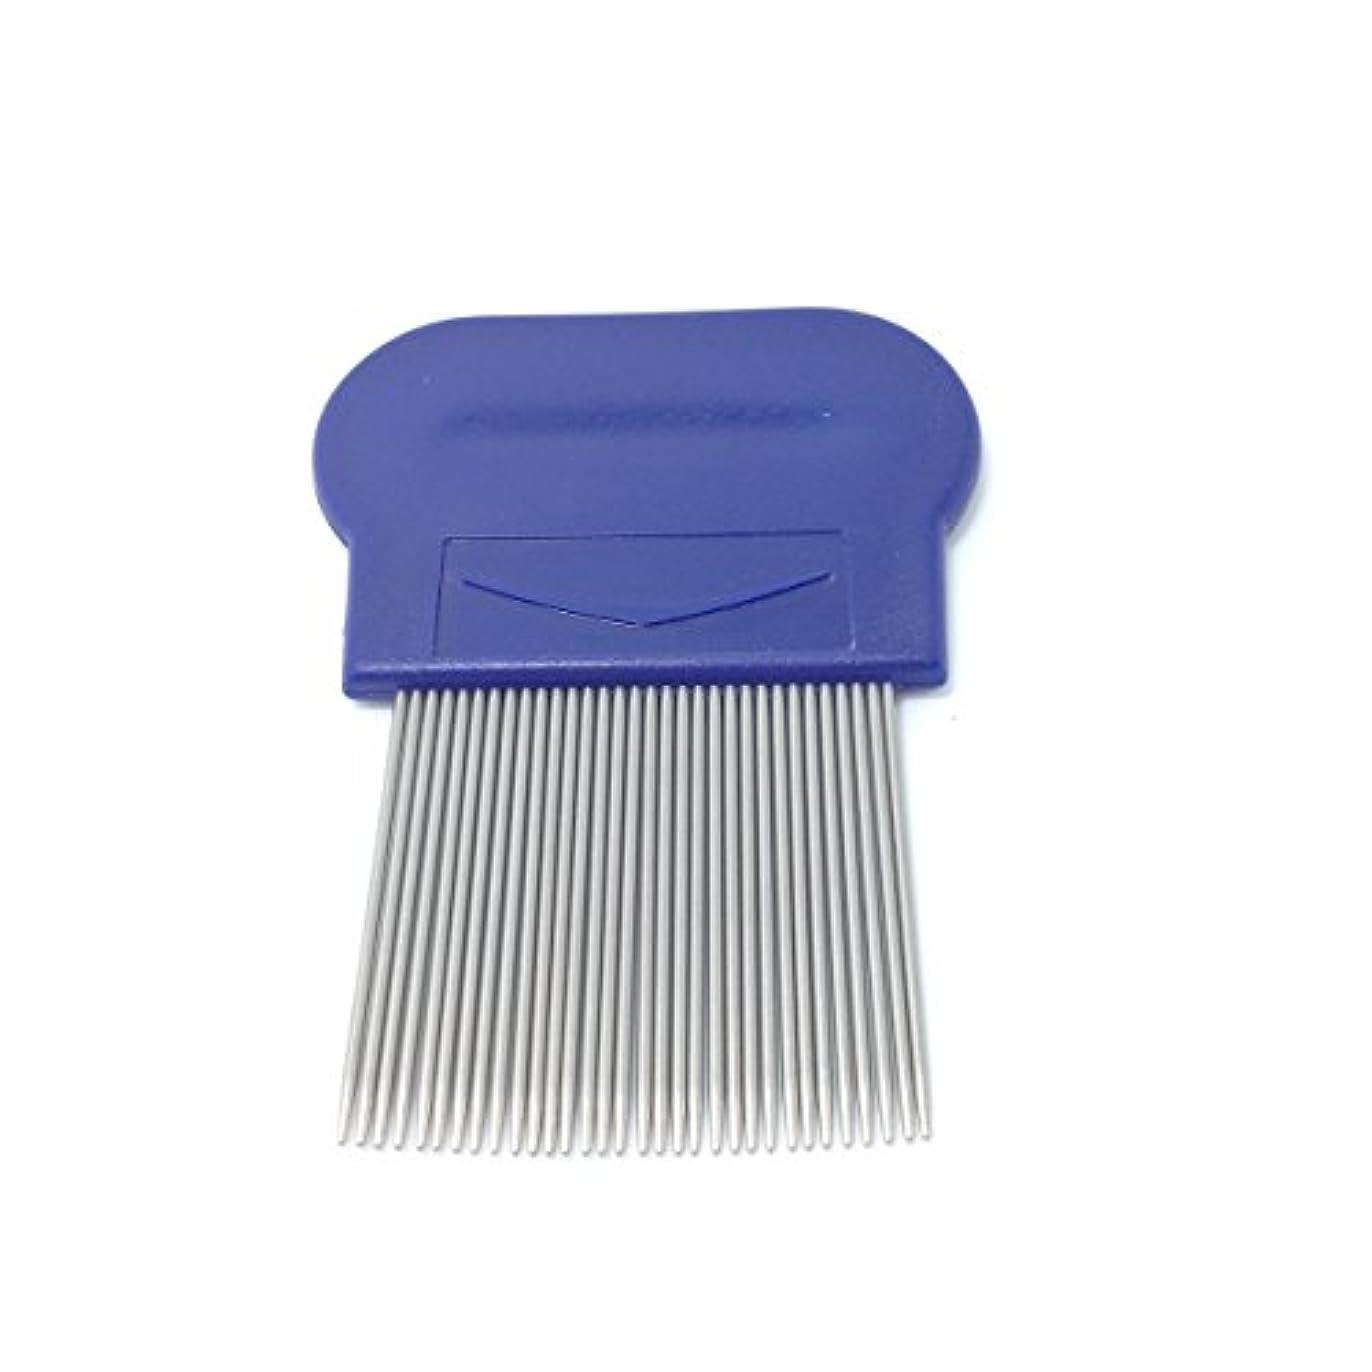 ぼかす舗装商業のwuernine アタマジラミコーム シラミとりくし ステンレス櫛 卵駆除専用櫛 しらみ退治ブラシ 細い髪使える ブルー